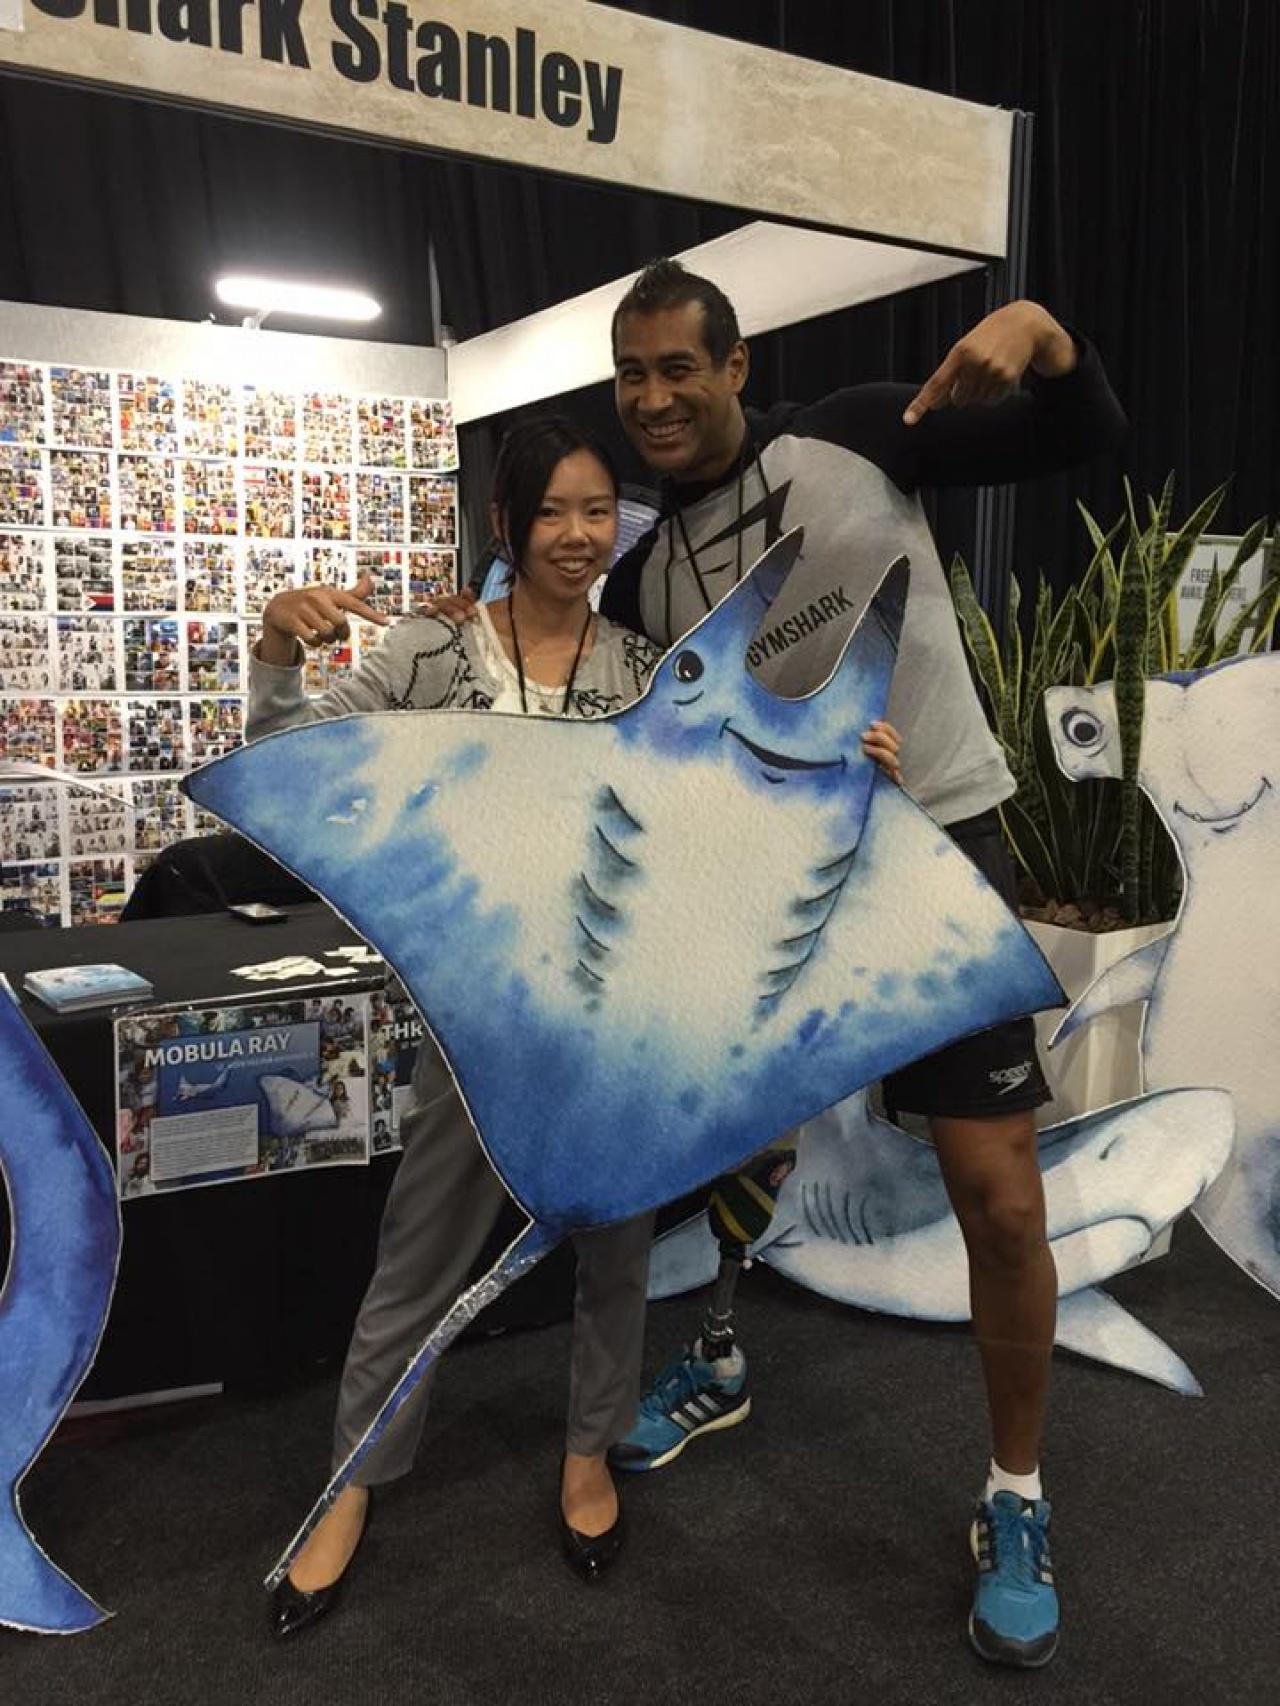 在南非保育高峰會上,Apple與當地殘奧泳手Hassiem一同宣揚鯊魚提案。(受訪者提供)